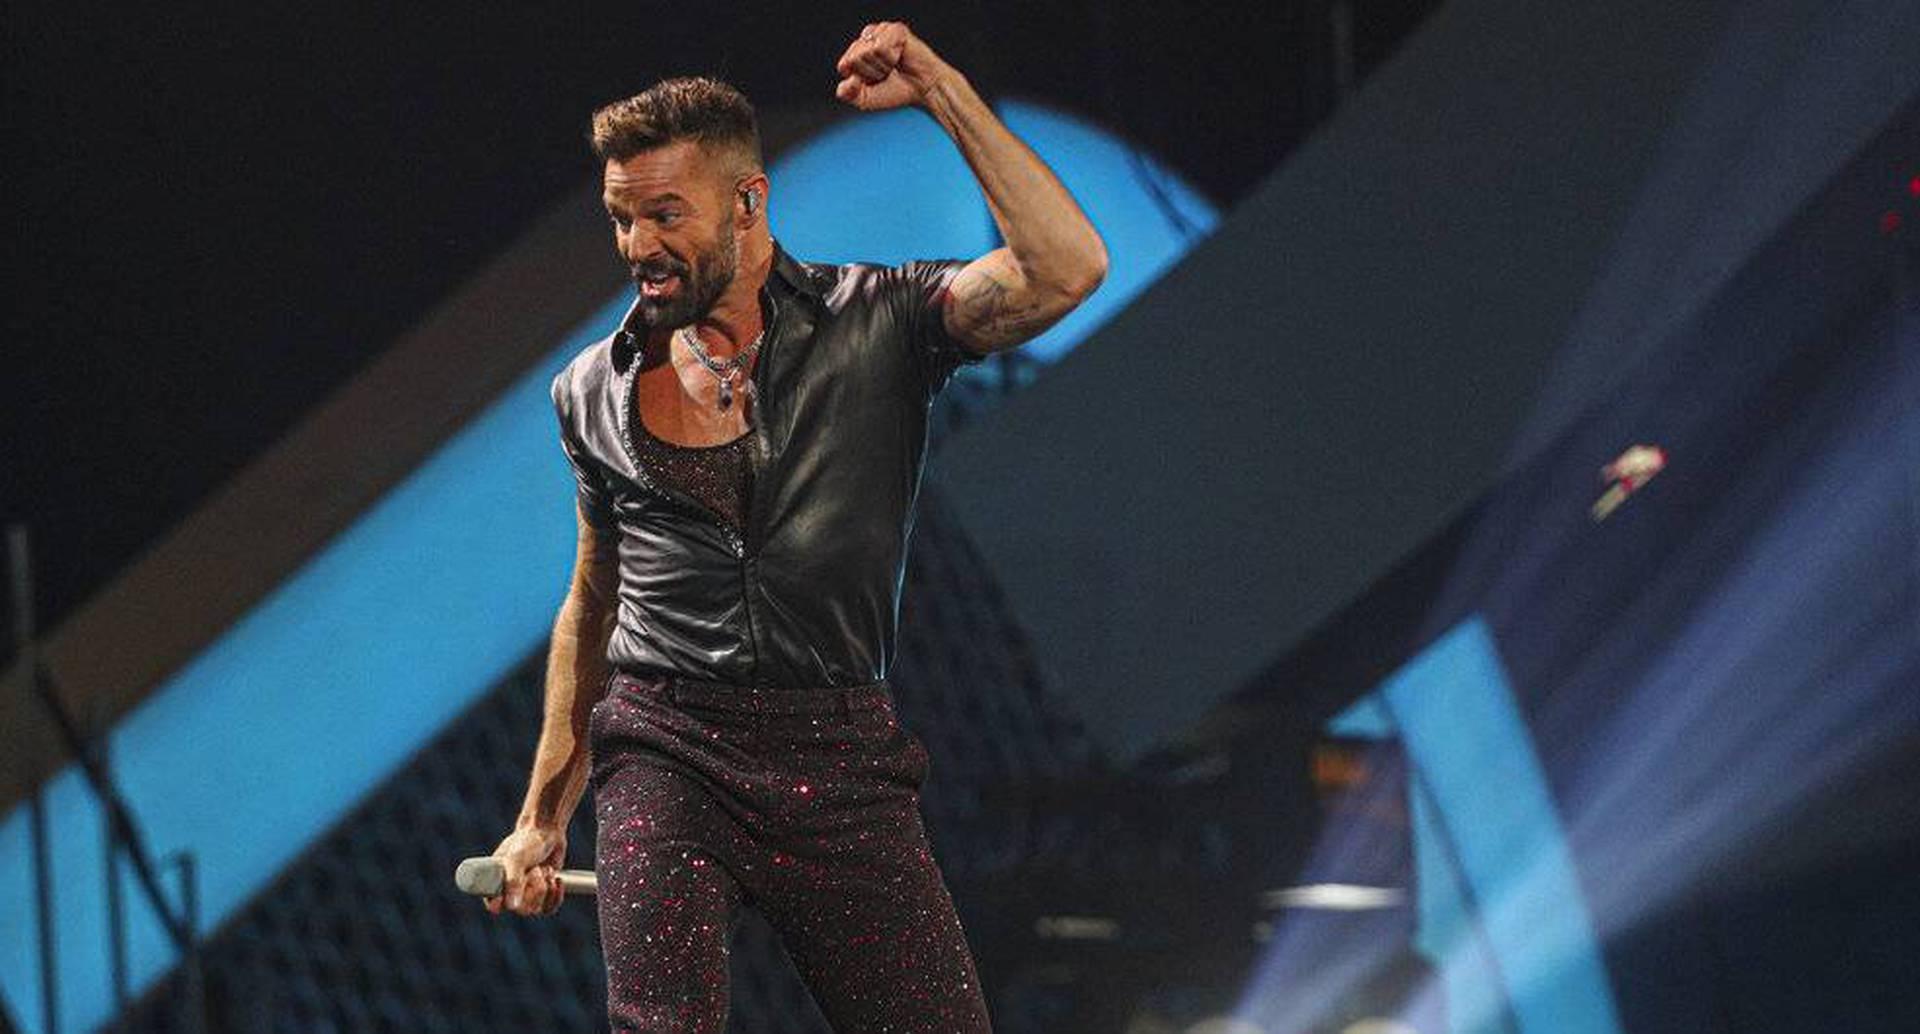 El artista abrió el festival de 2020 con sus mejores éxitos, en medio de las protestas. Foto: AP.